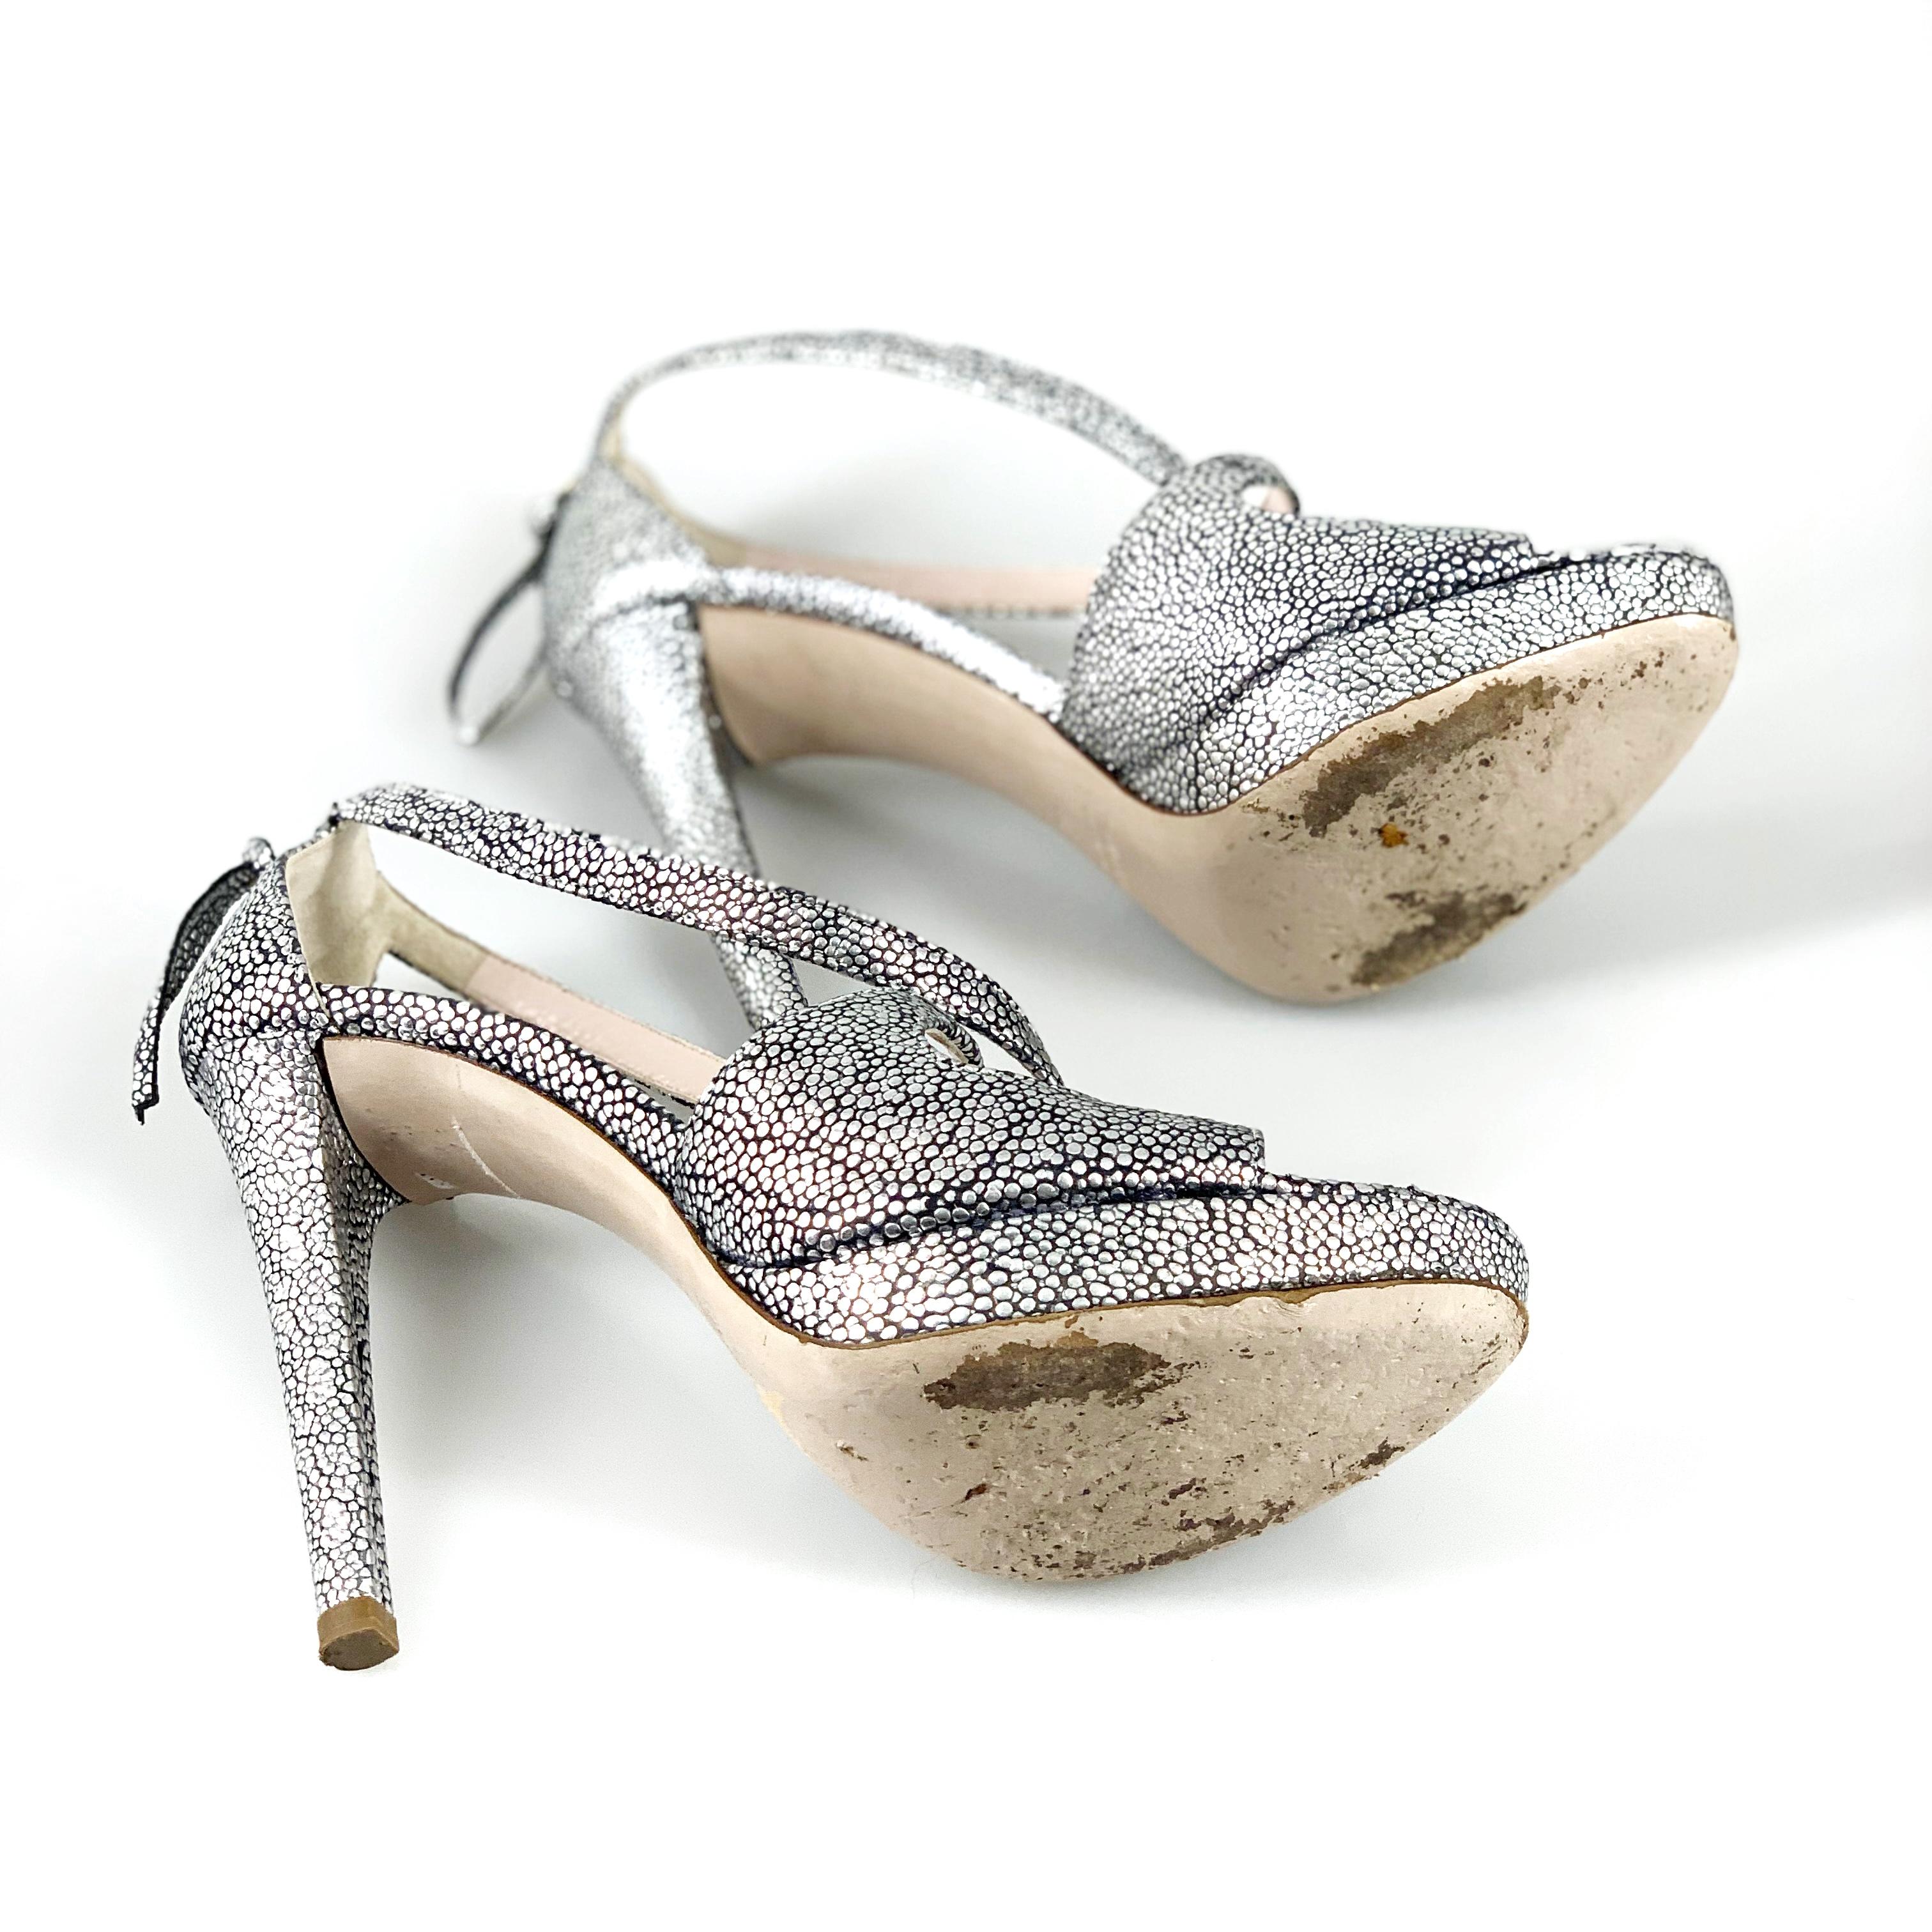 MIU MIU sandalett 36 SV1526